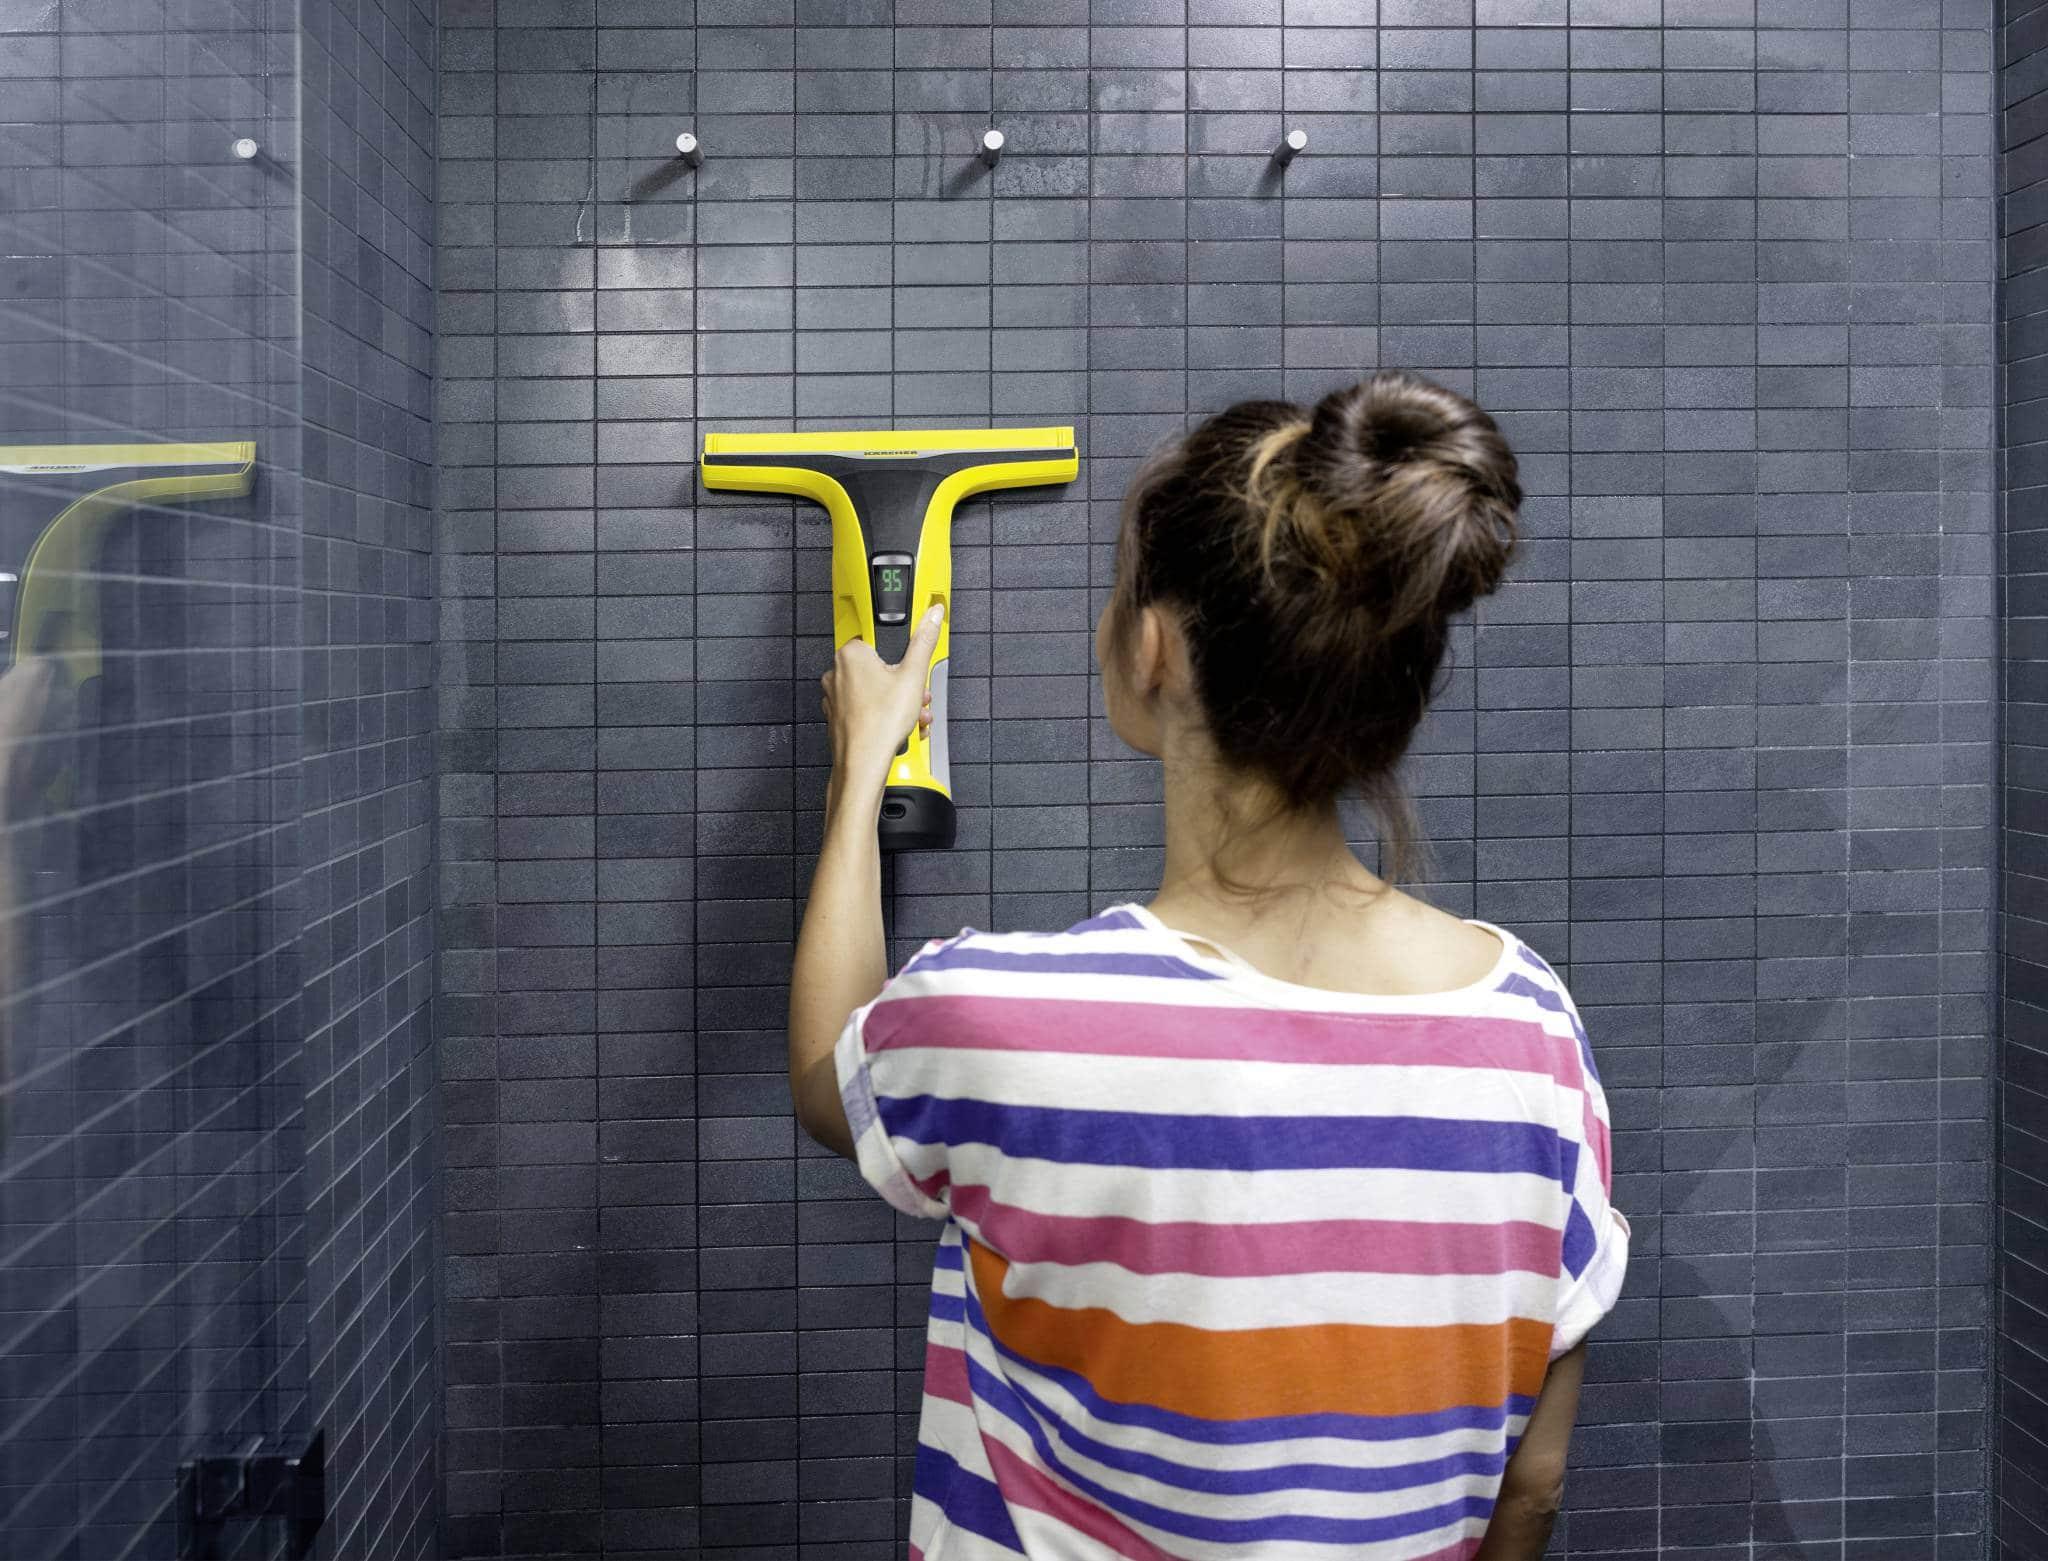 Gadżet, dzięki któremu mycie okien stanie się przyjemnością